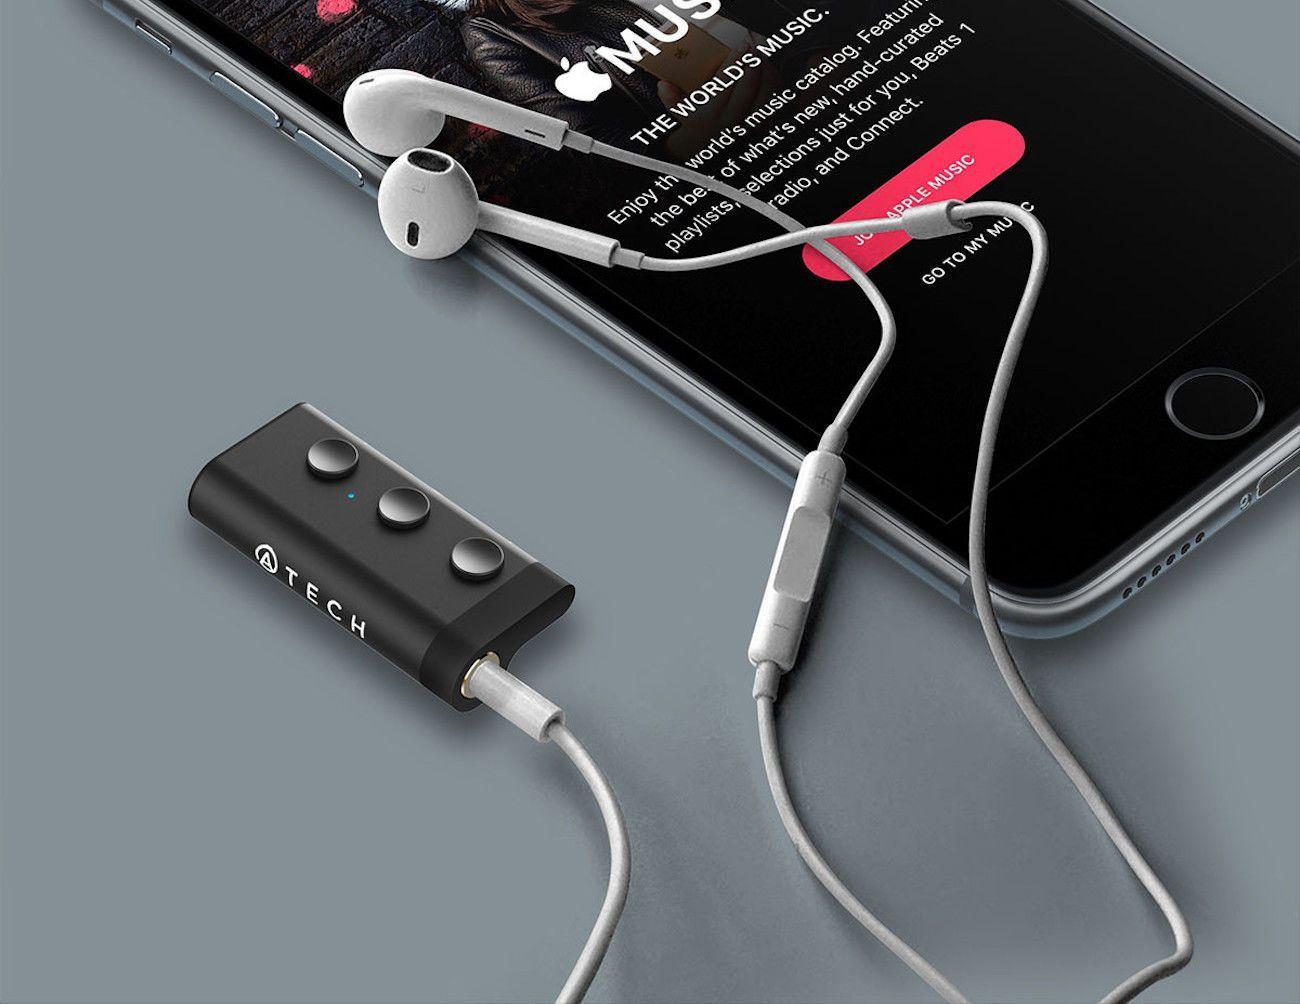 ATECH Micro Bluetooth Receiver » Gadget Flow | gadgets | Pinterest ...